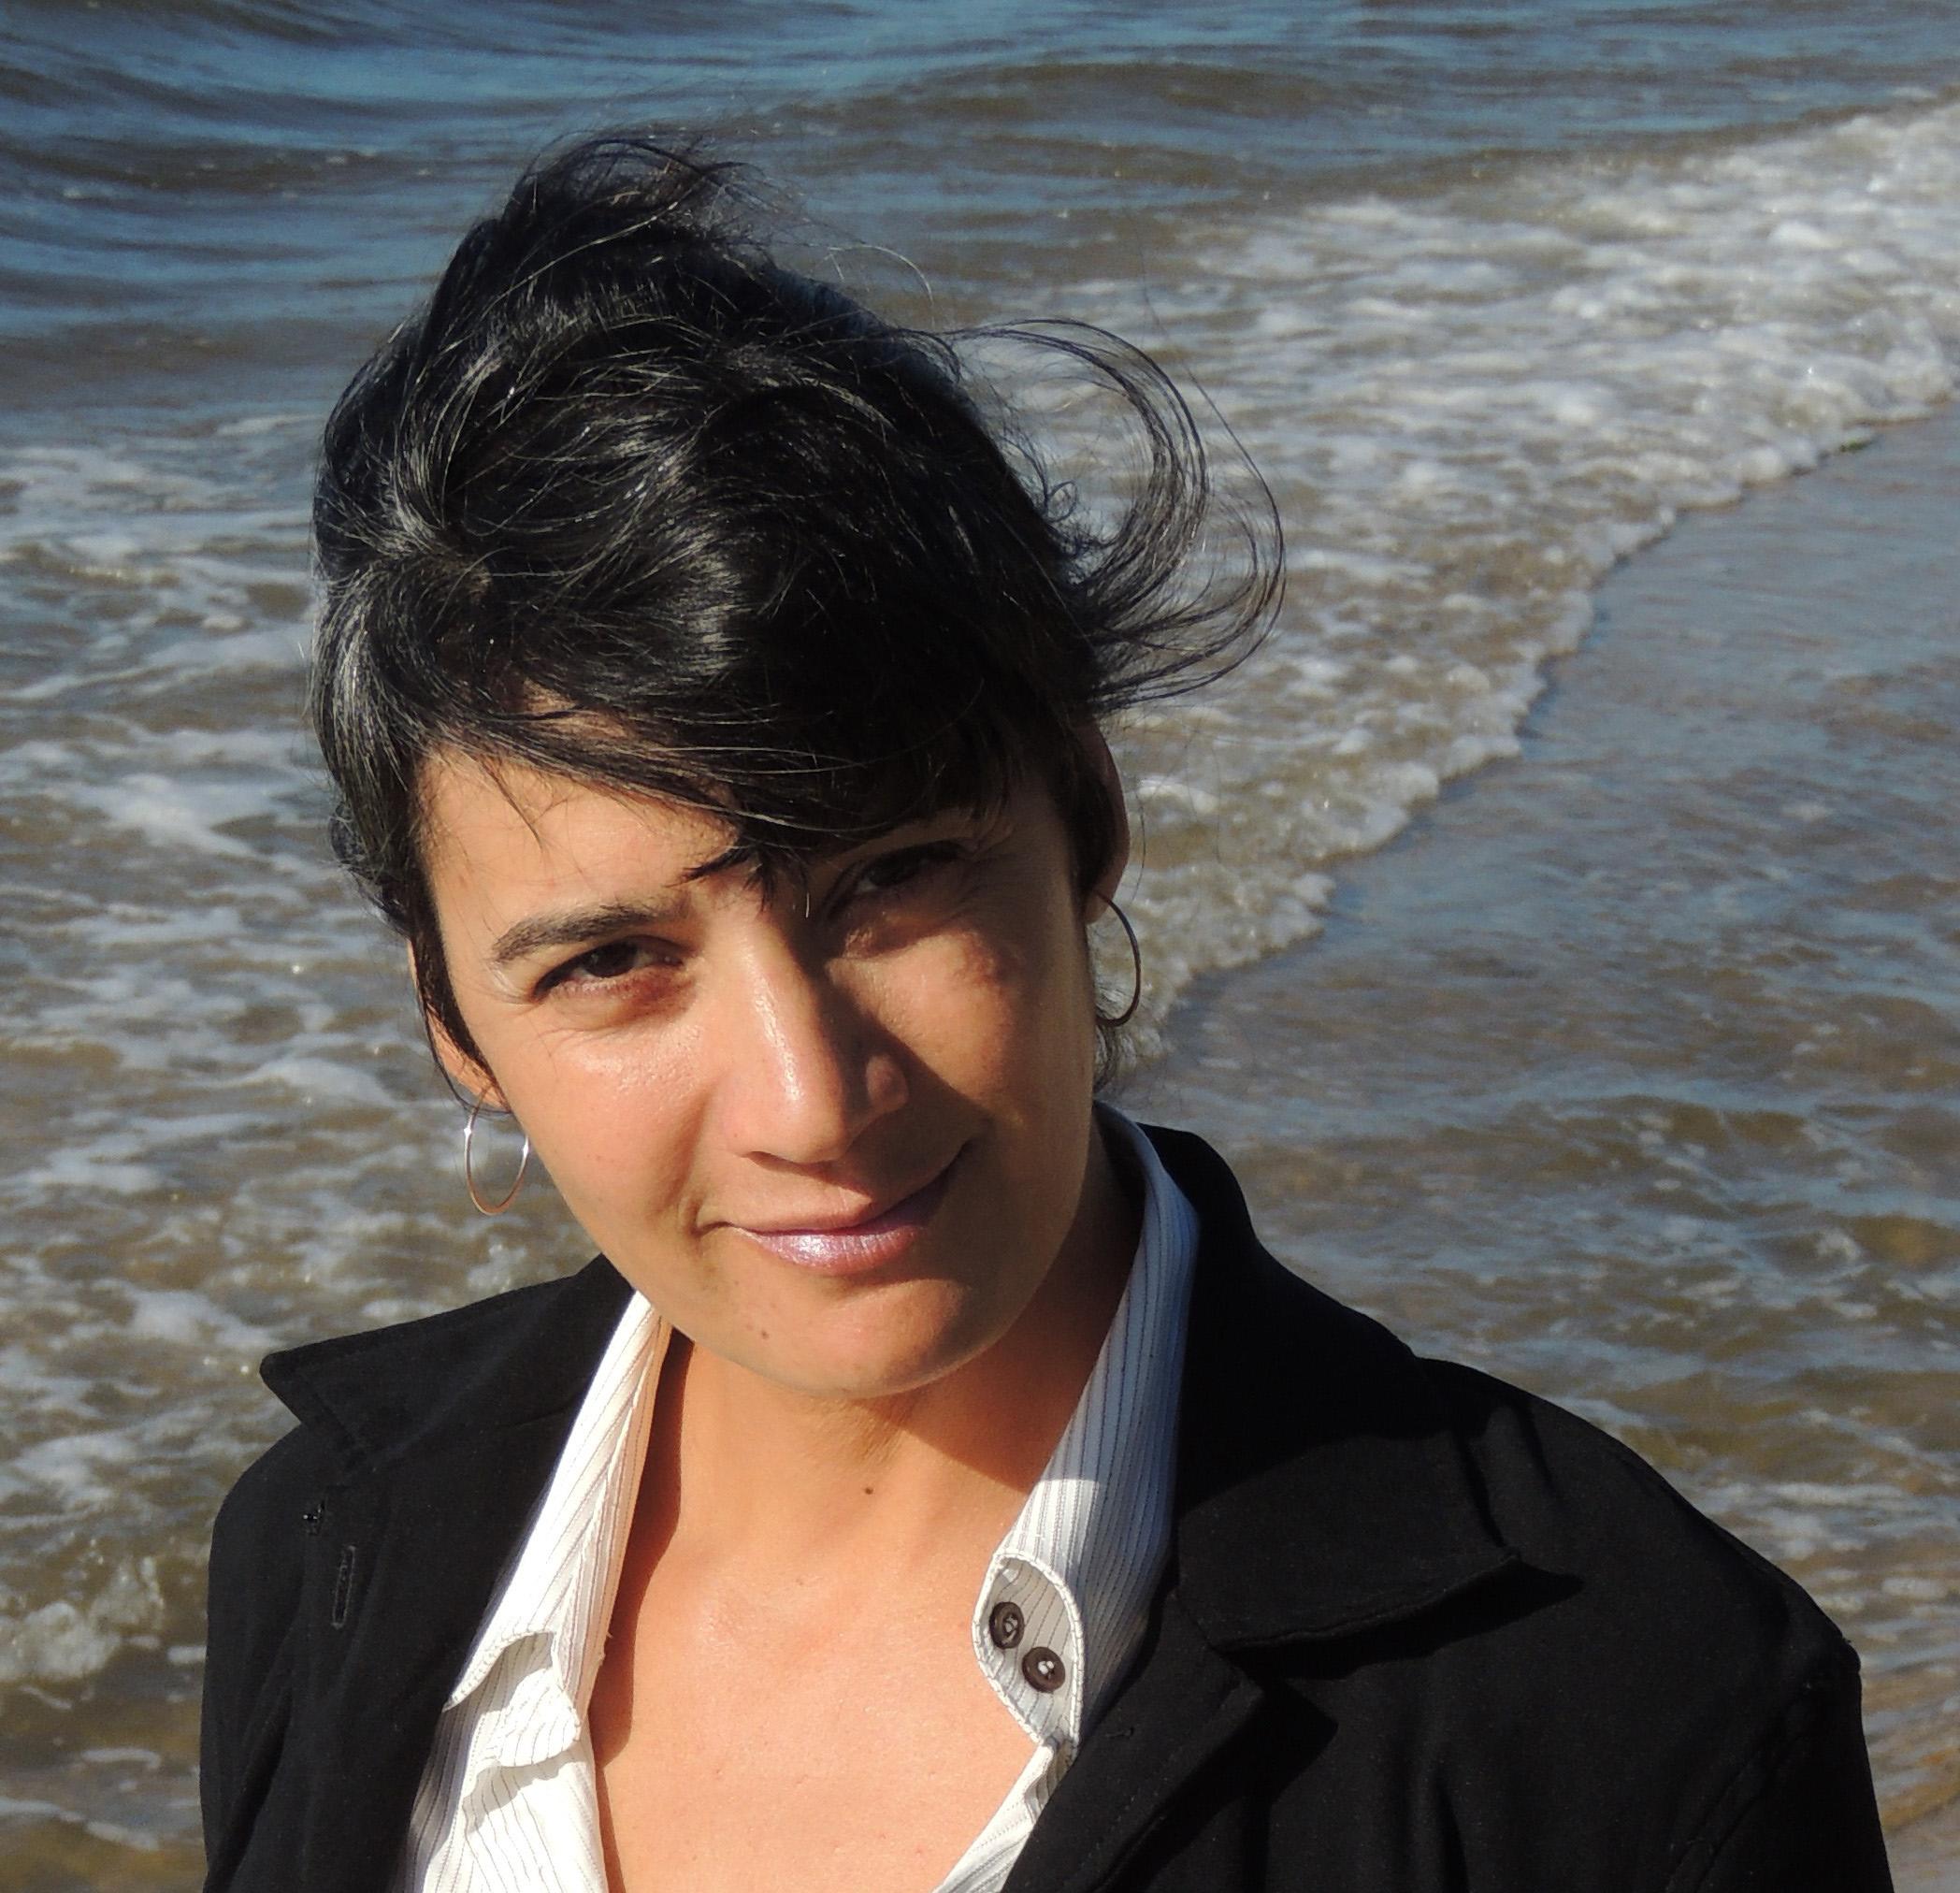 Christine Pedi Christine Pedi new pics